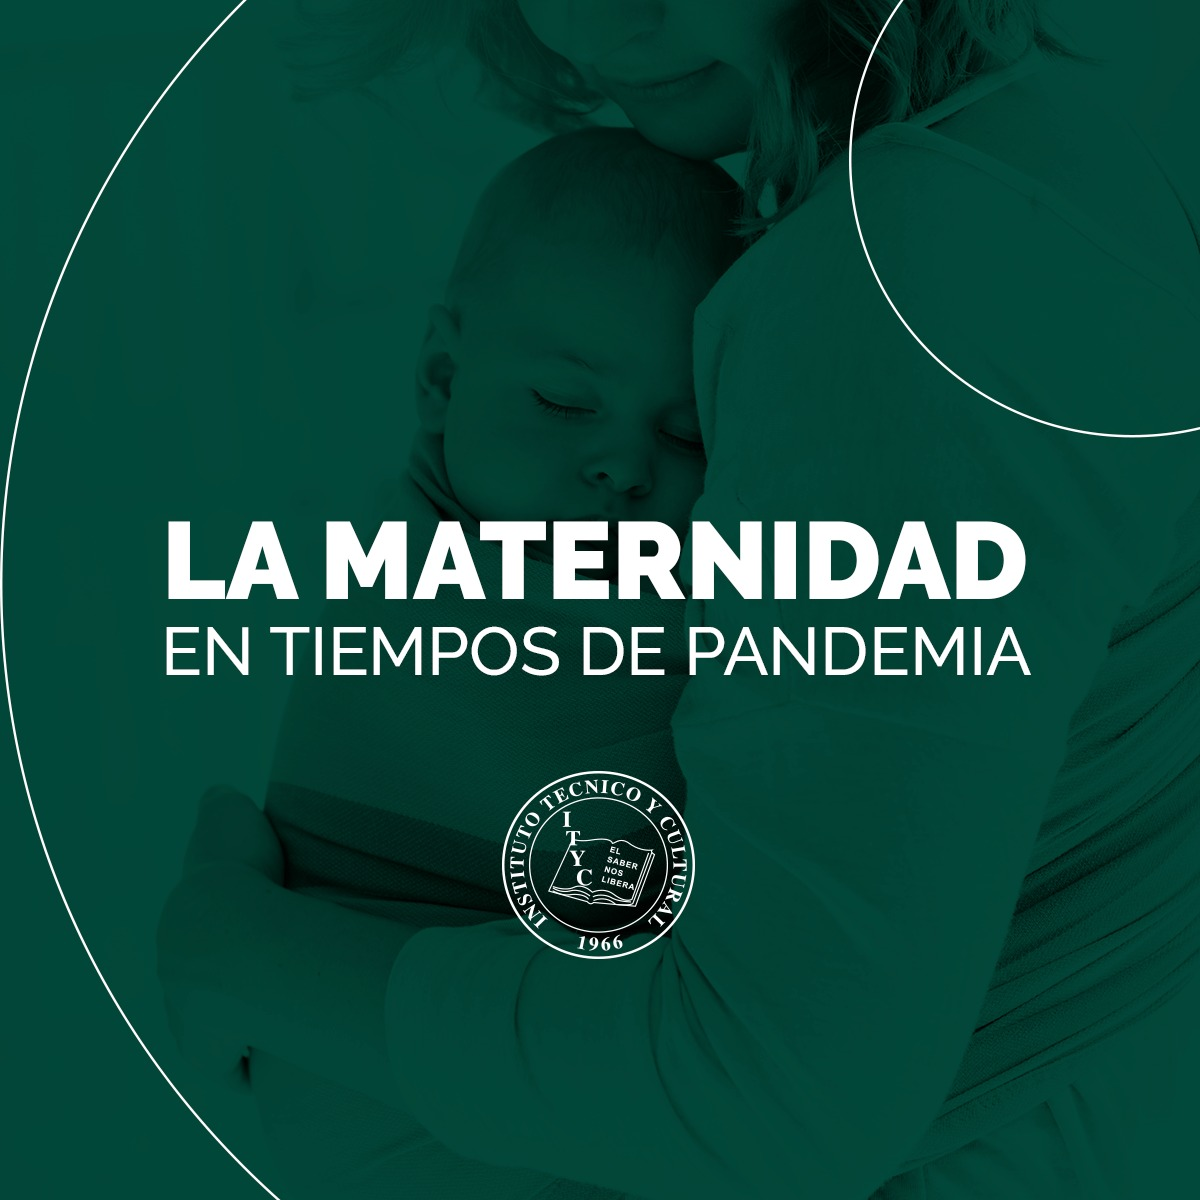 La maternidad en tiempos de pandemia